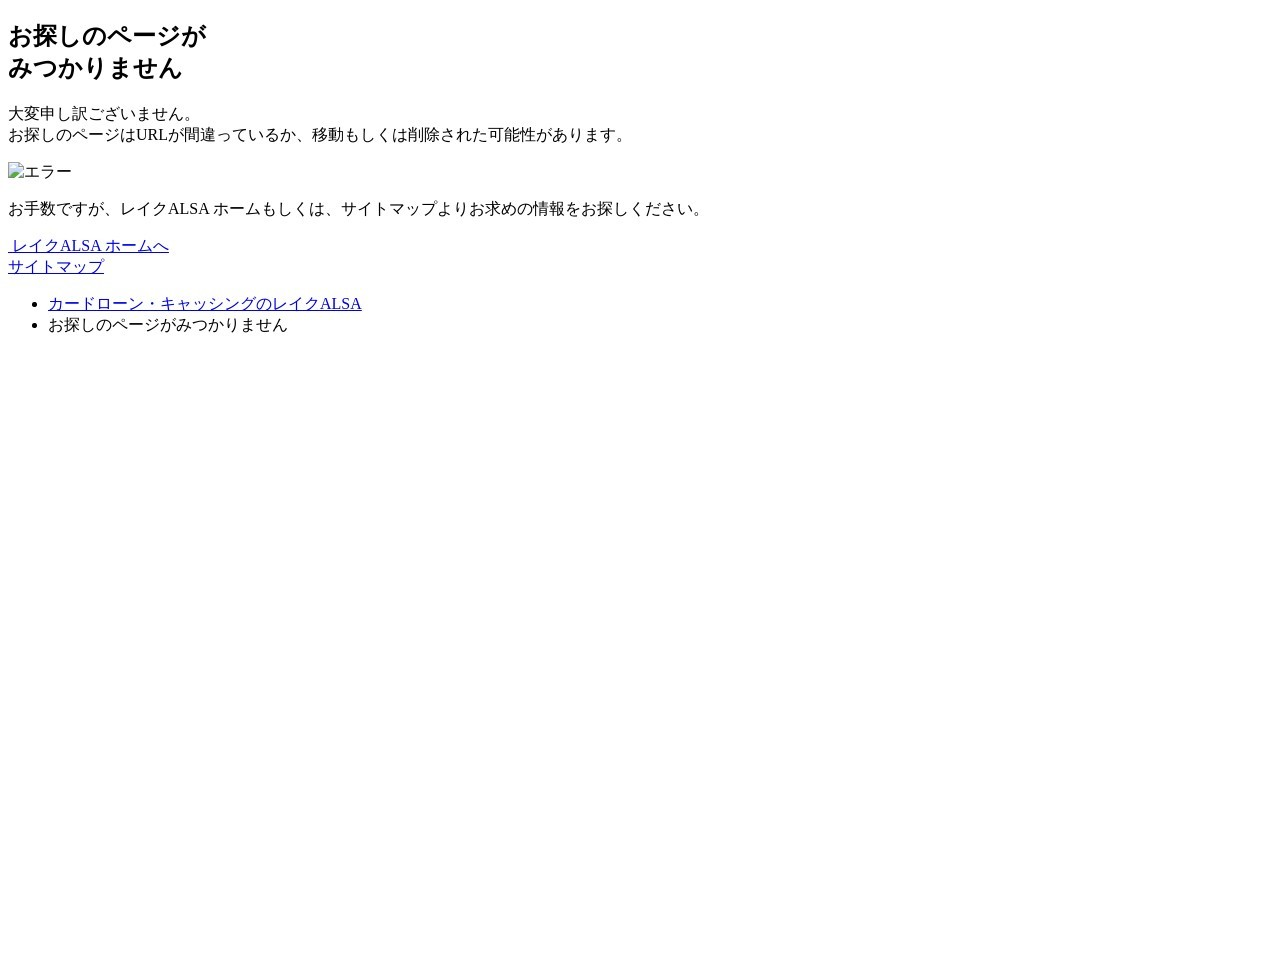 レイクALSA 函館花園自動契約コーナー北海道 レイクALSA